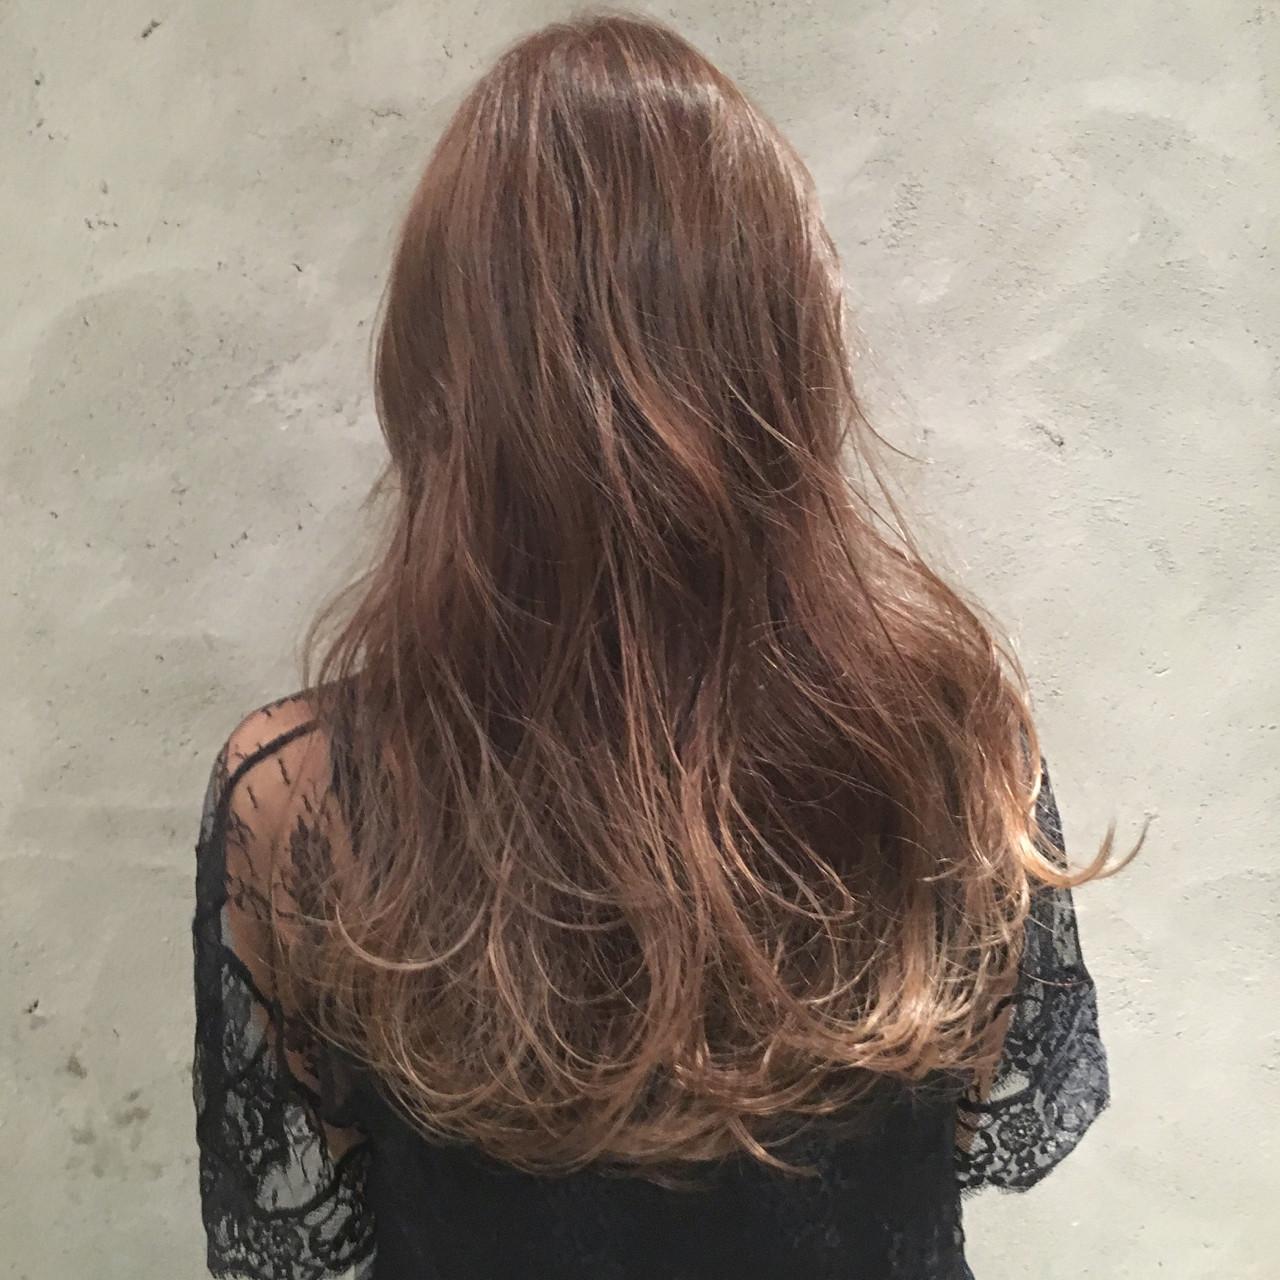 ハイライト 大人女子 外国人風 ストリート ヘアスタイルや髪型の写真・画像